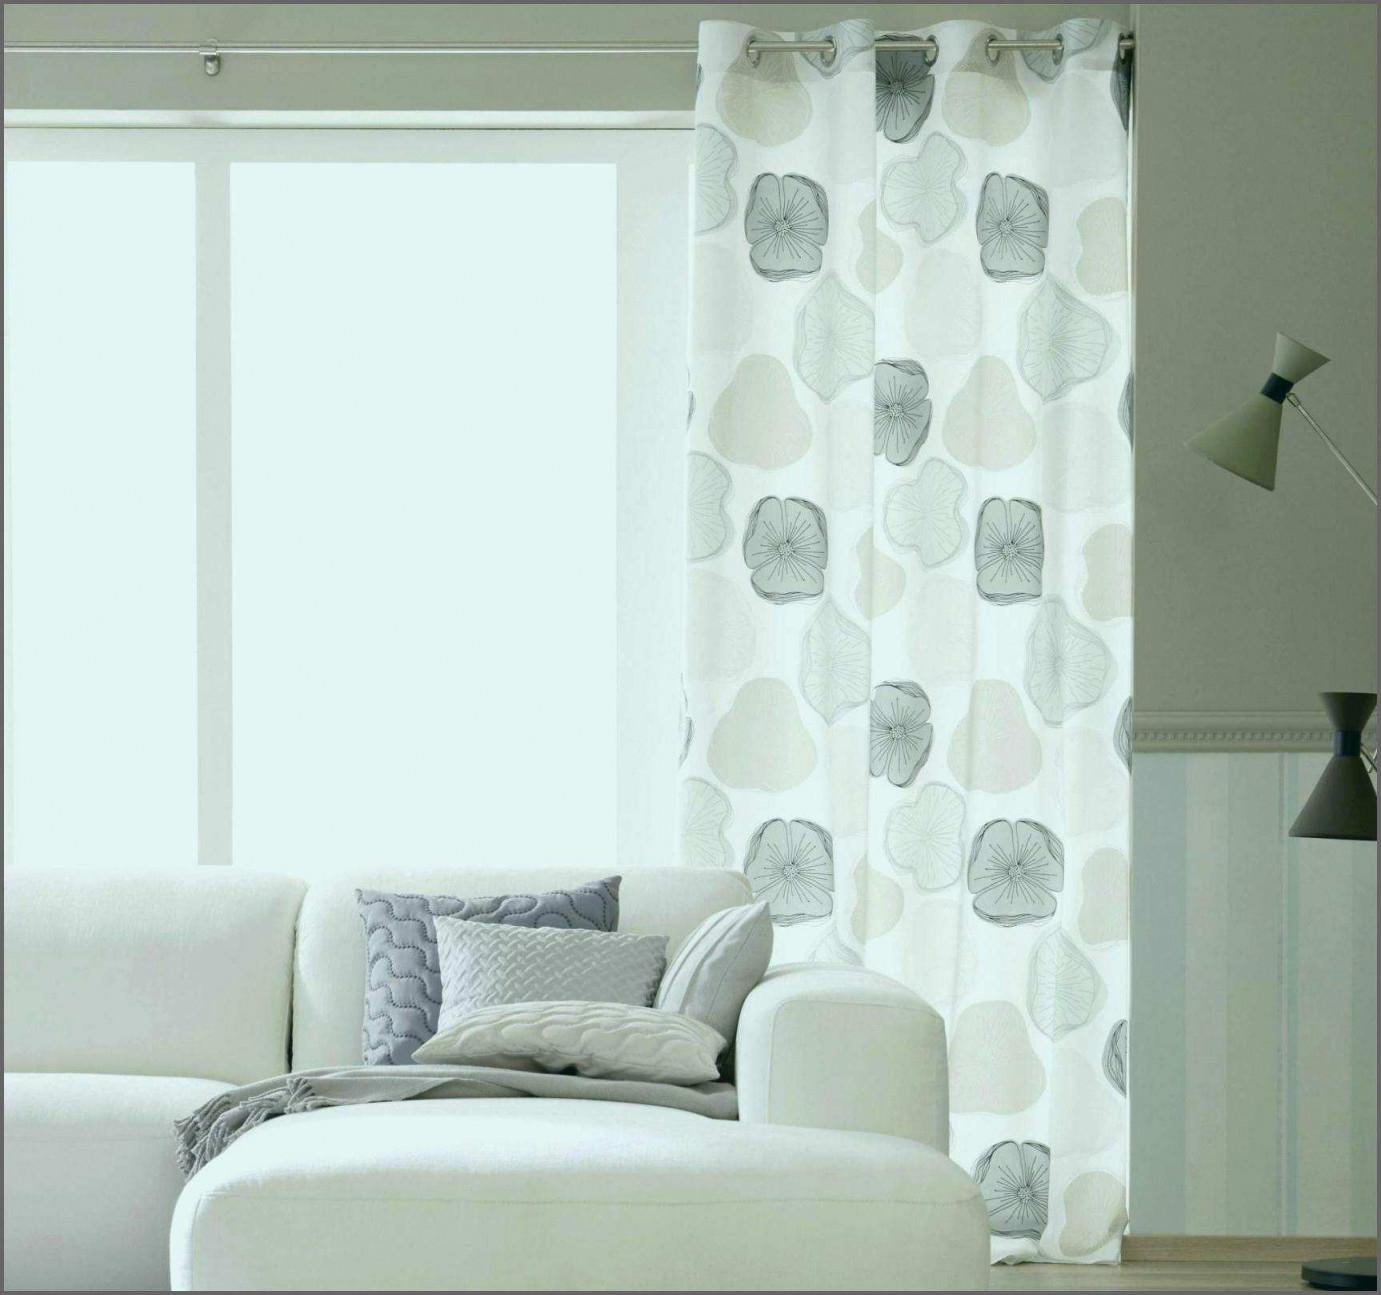 Wohnzimmer Gardinen Kurz Luxus 34 Exklusiv Und Natürlich von Gardinen Wohnzimmer Grau Photo